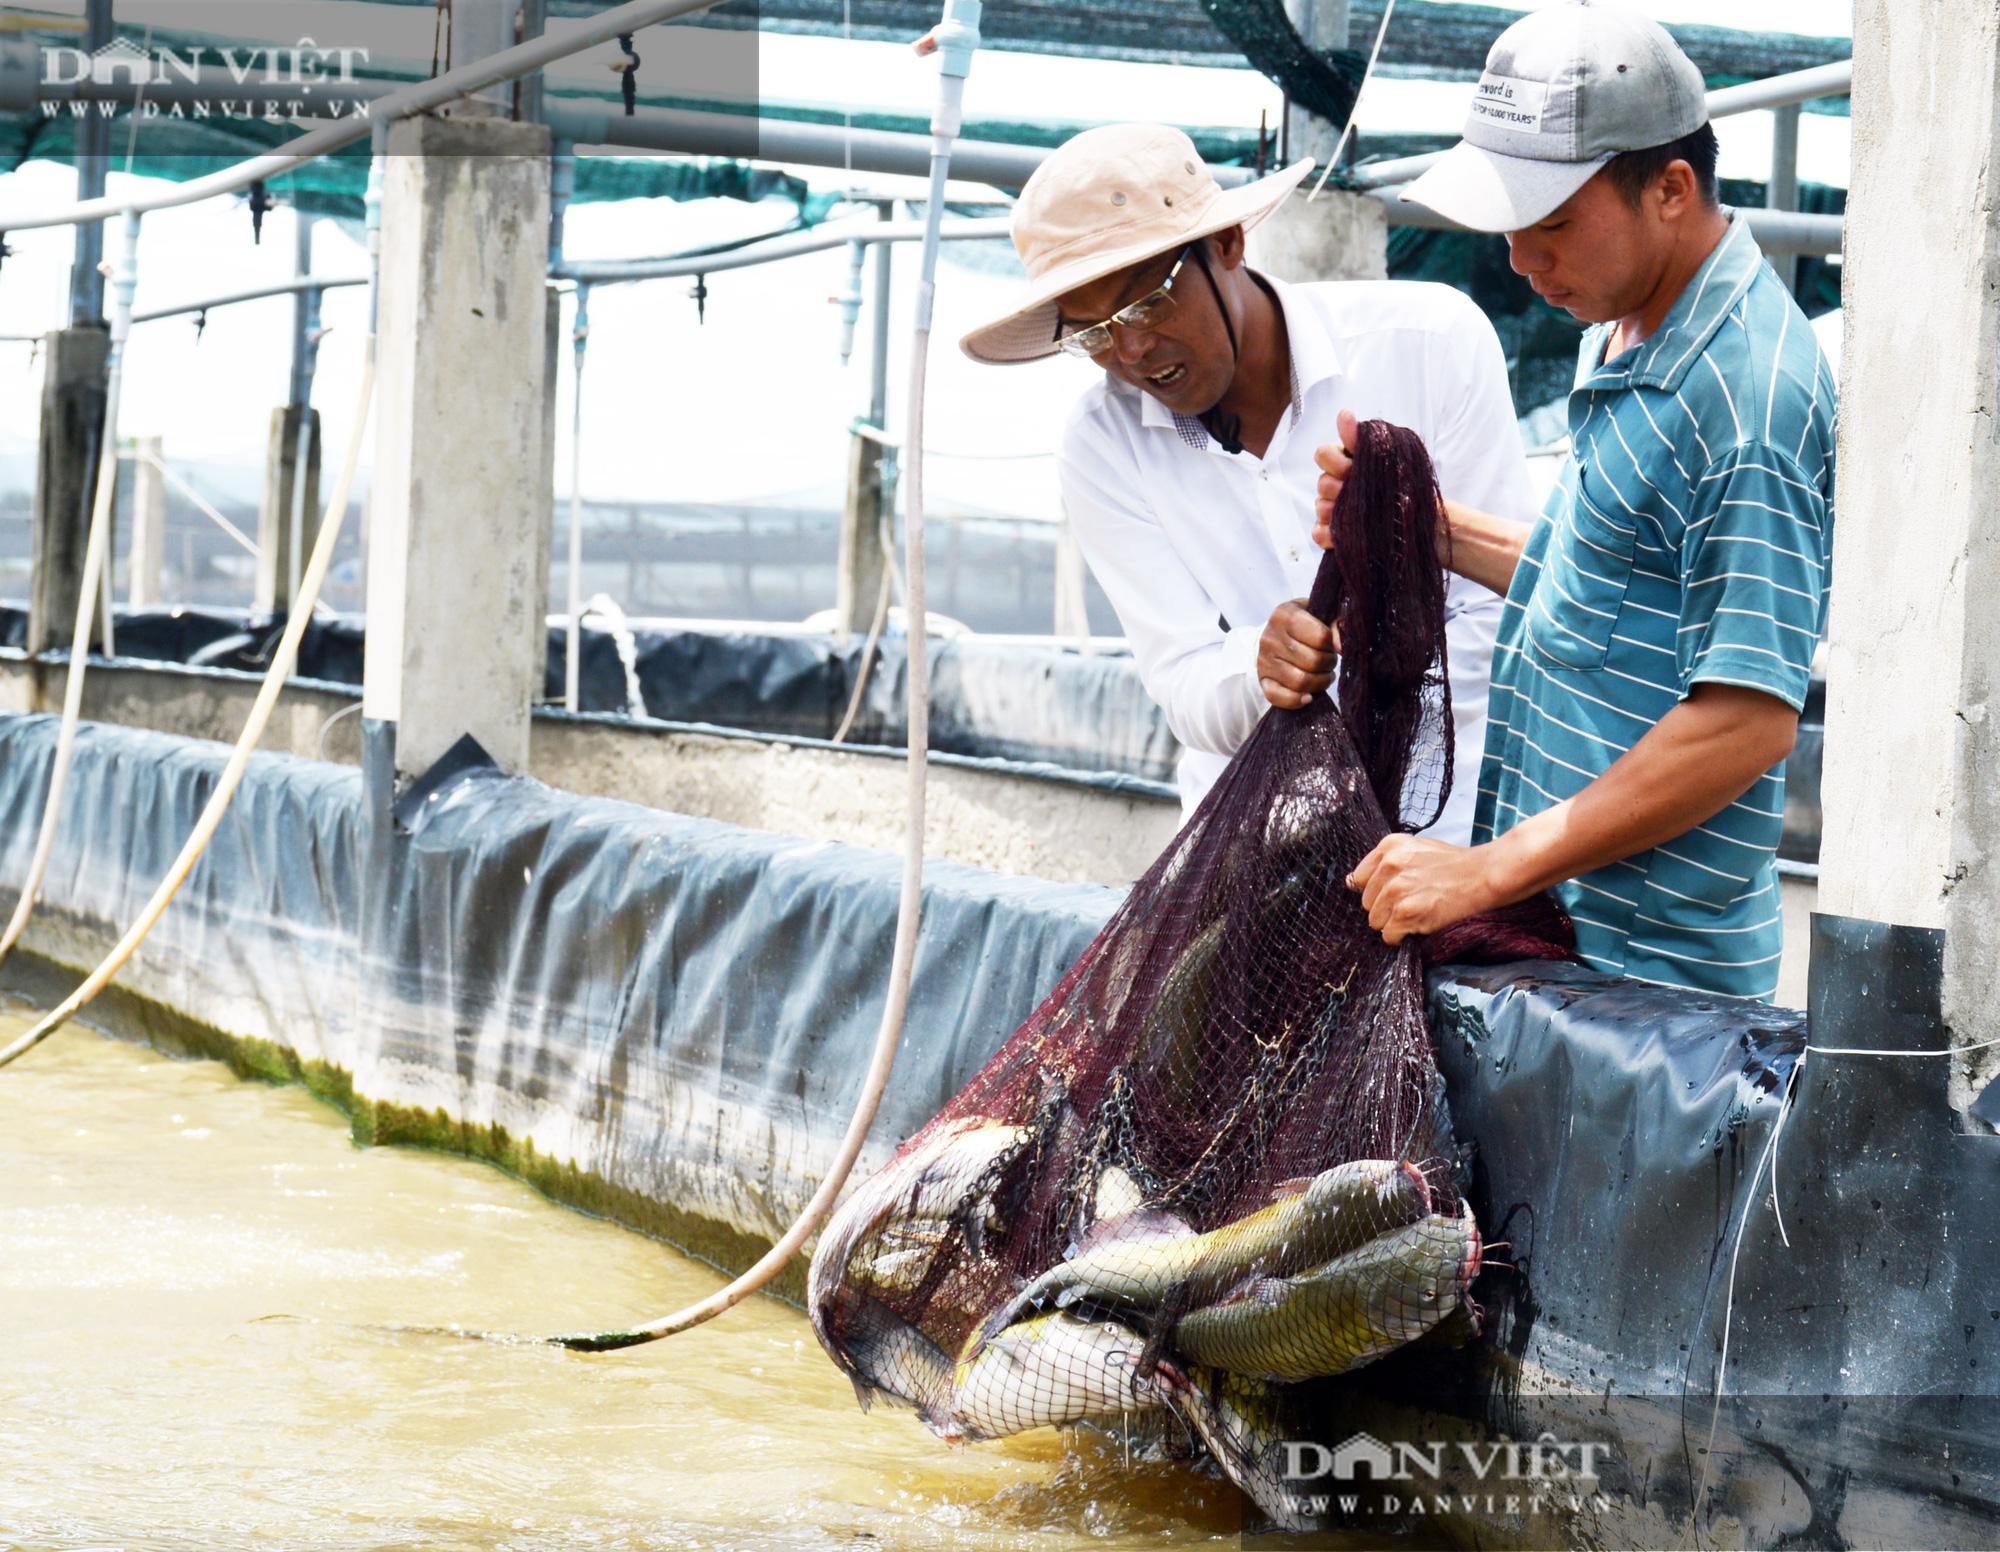 Bạc Liêu: Chàng kỹ sư bỏ công ty nước ngoài về làm nông dân nuôi 15 loài thủy sản - Ảnh 1.